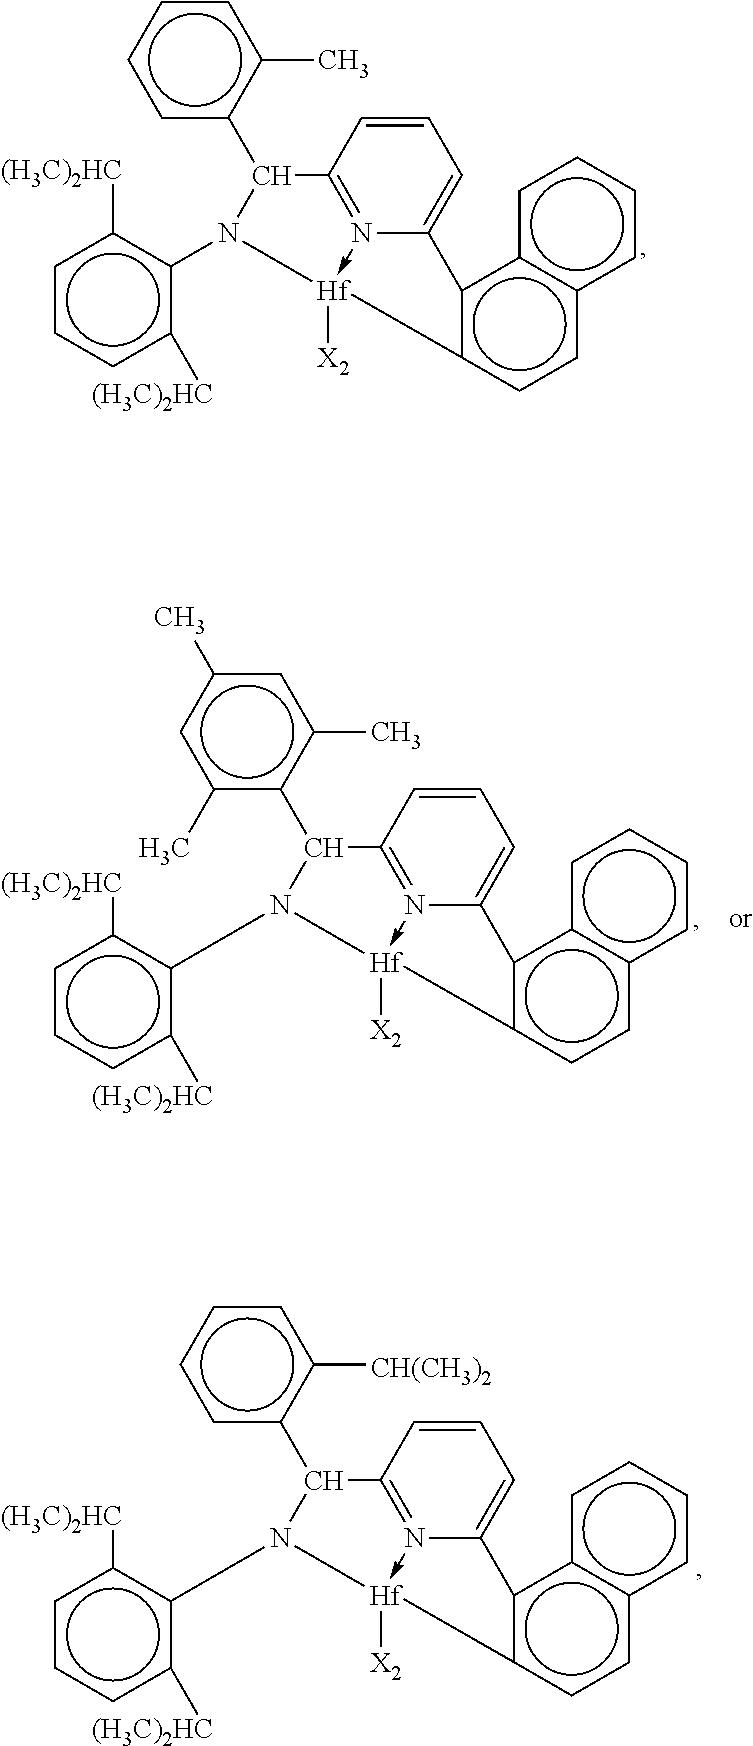 Figure US07645893-20100112-C00024